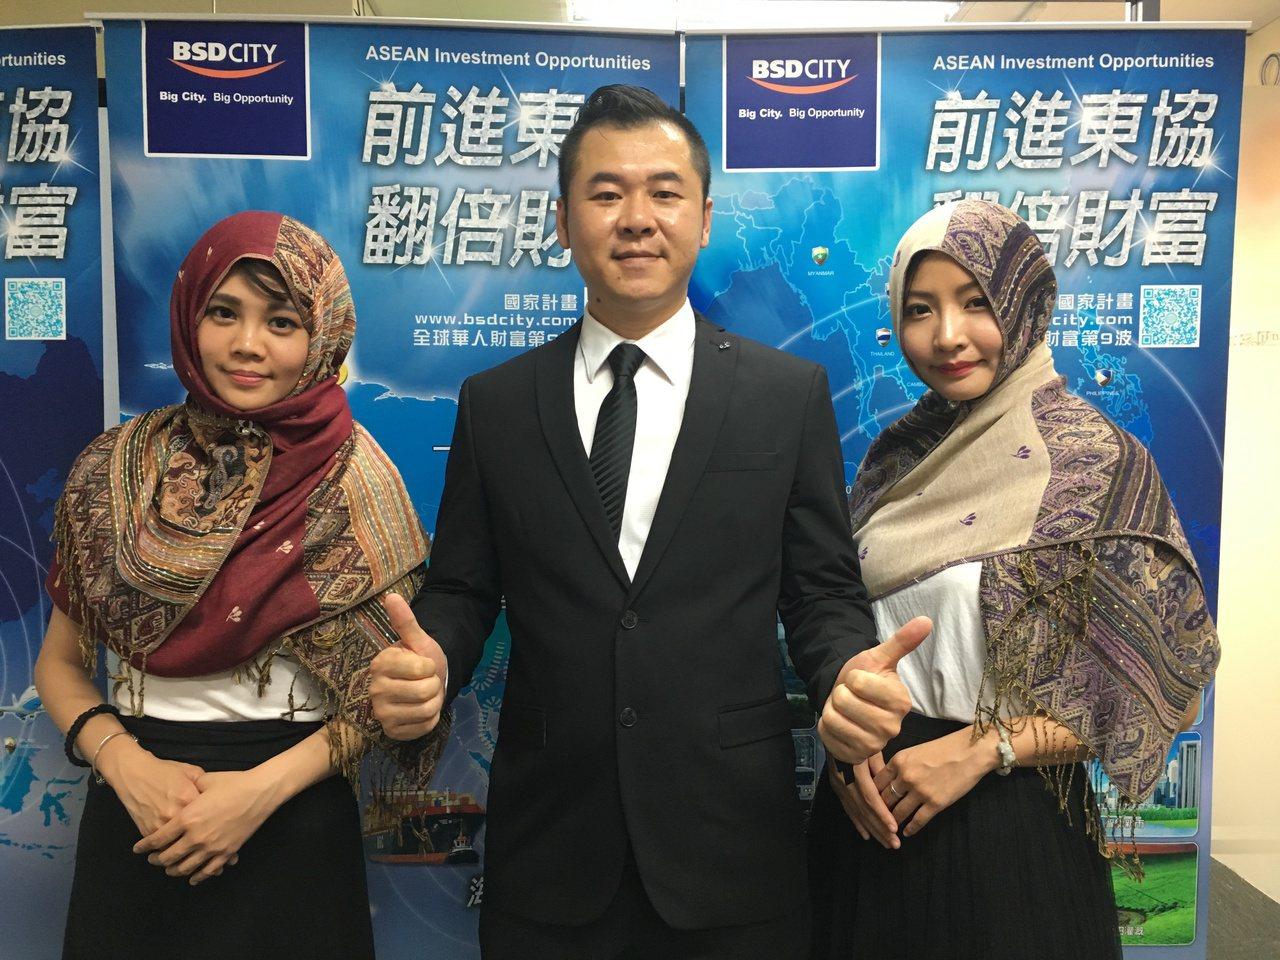 配合政府推動新南向政策,國內第一家專業印尼房地產投資機構 「東協世界通公司」今...